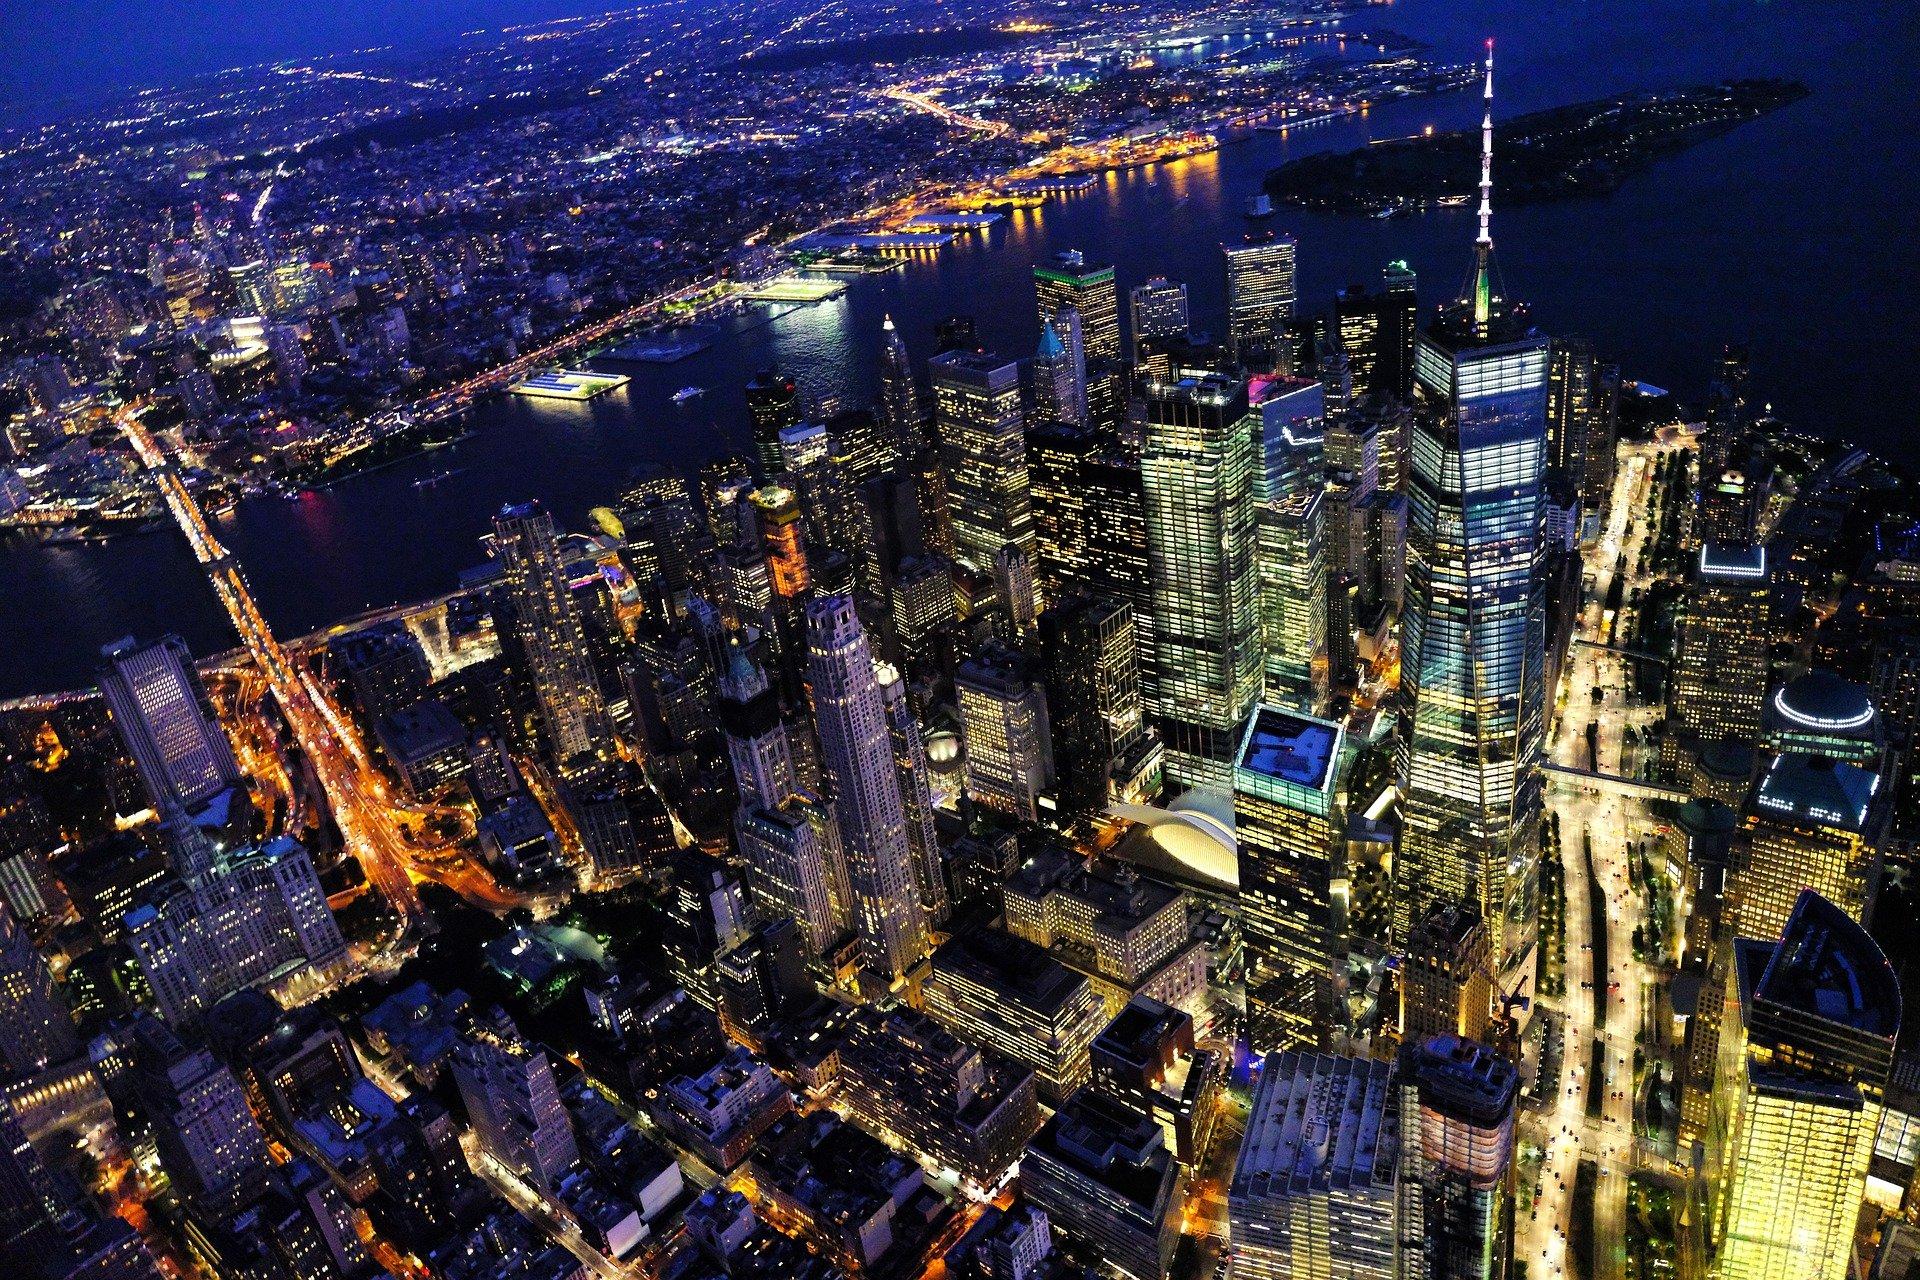 السياحة في نيويورك،وابرز المعالم السياحية فيها